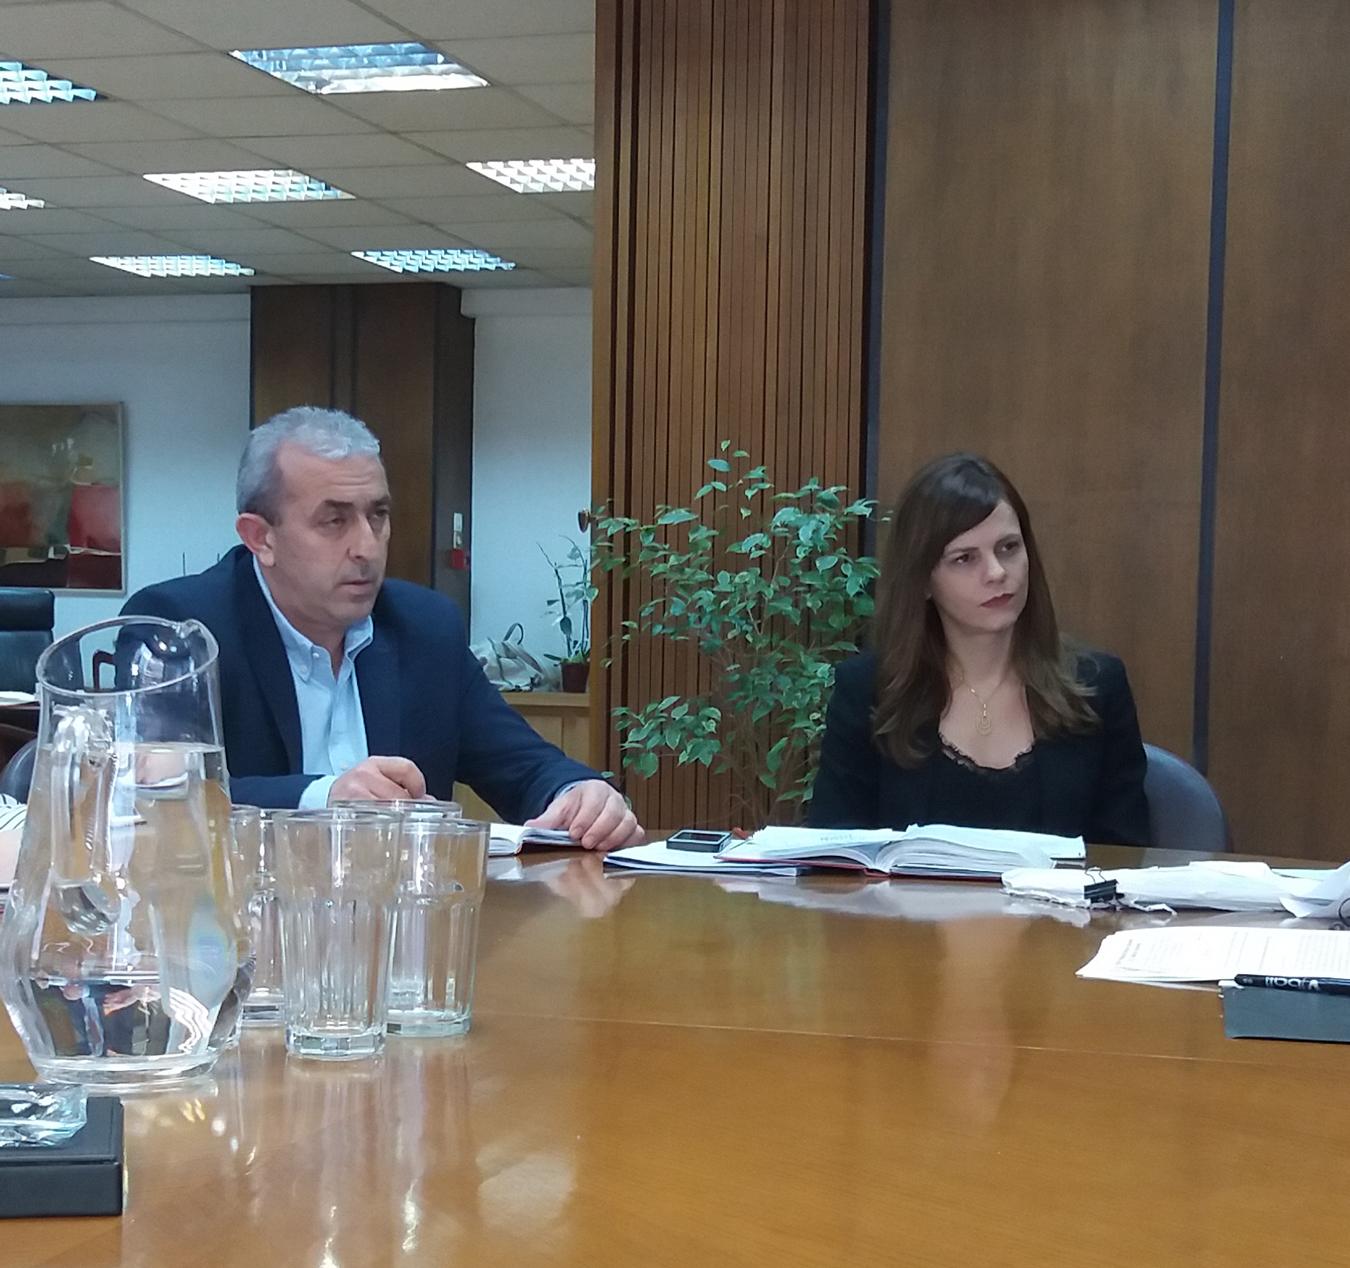 Σωκράτης Βαρδάκης: Οι στοχευμένοι έλεγχοι και ο σχεδιασμός ενός συγκροτημένου πλαισίου, θα συμβάλλουν αποτελεσματικά στην αντιμετώπιση της παραβατικότητας στην αγορά εργασίας